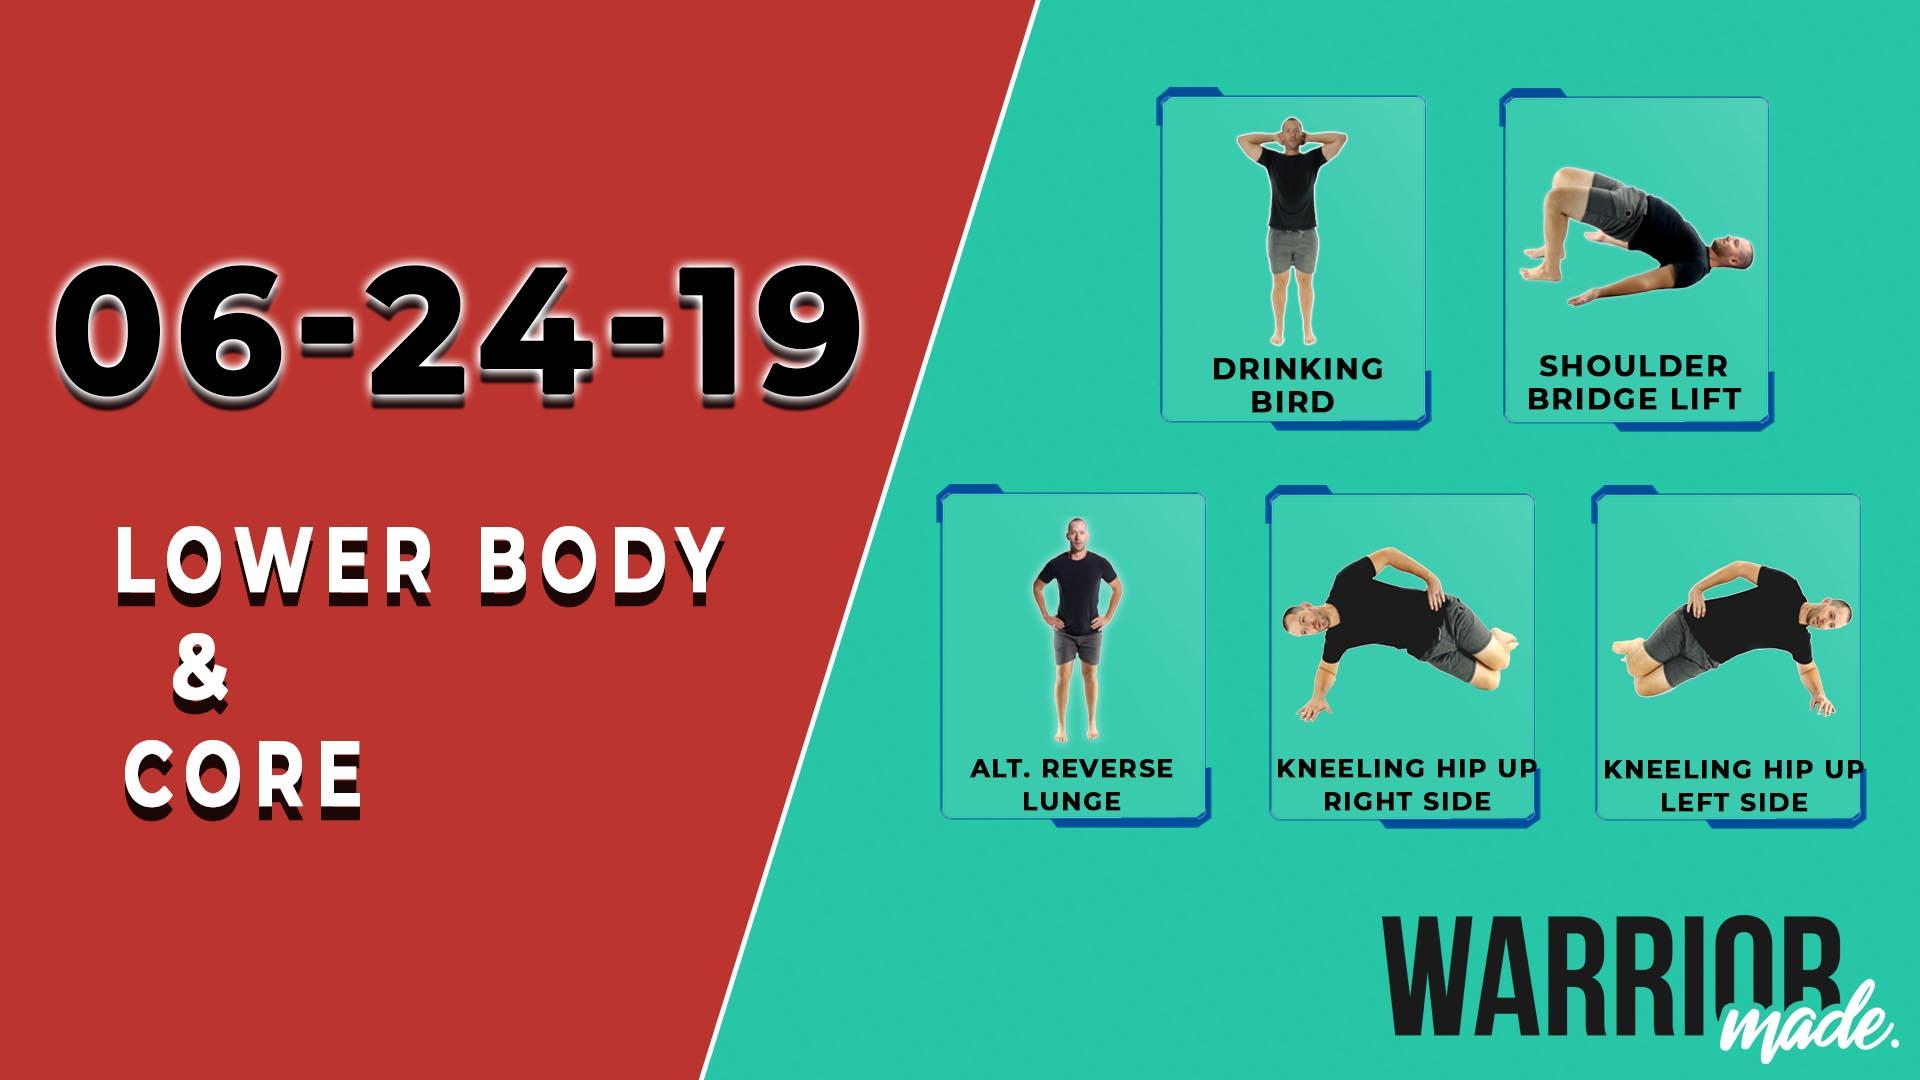 workouts-06-24-19